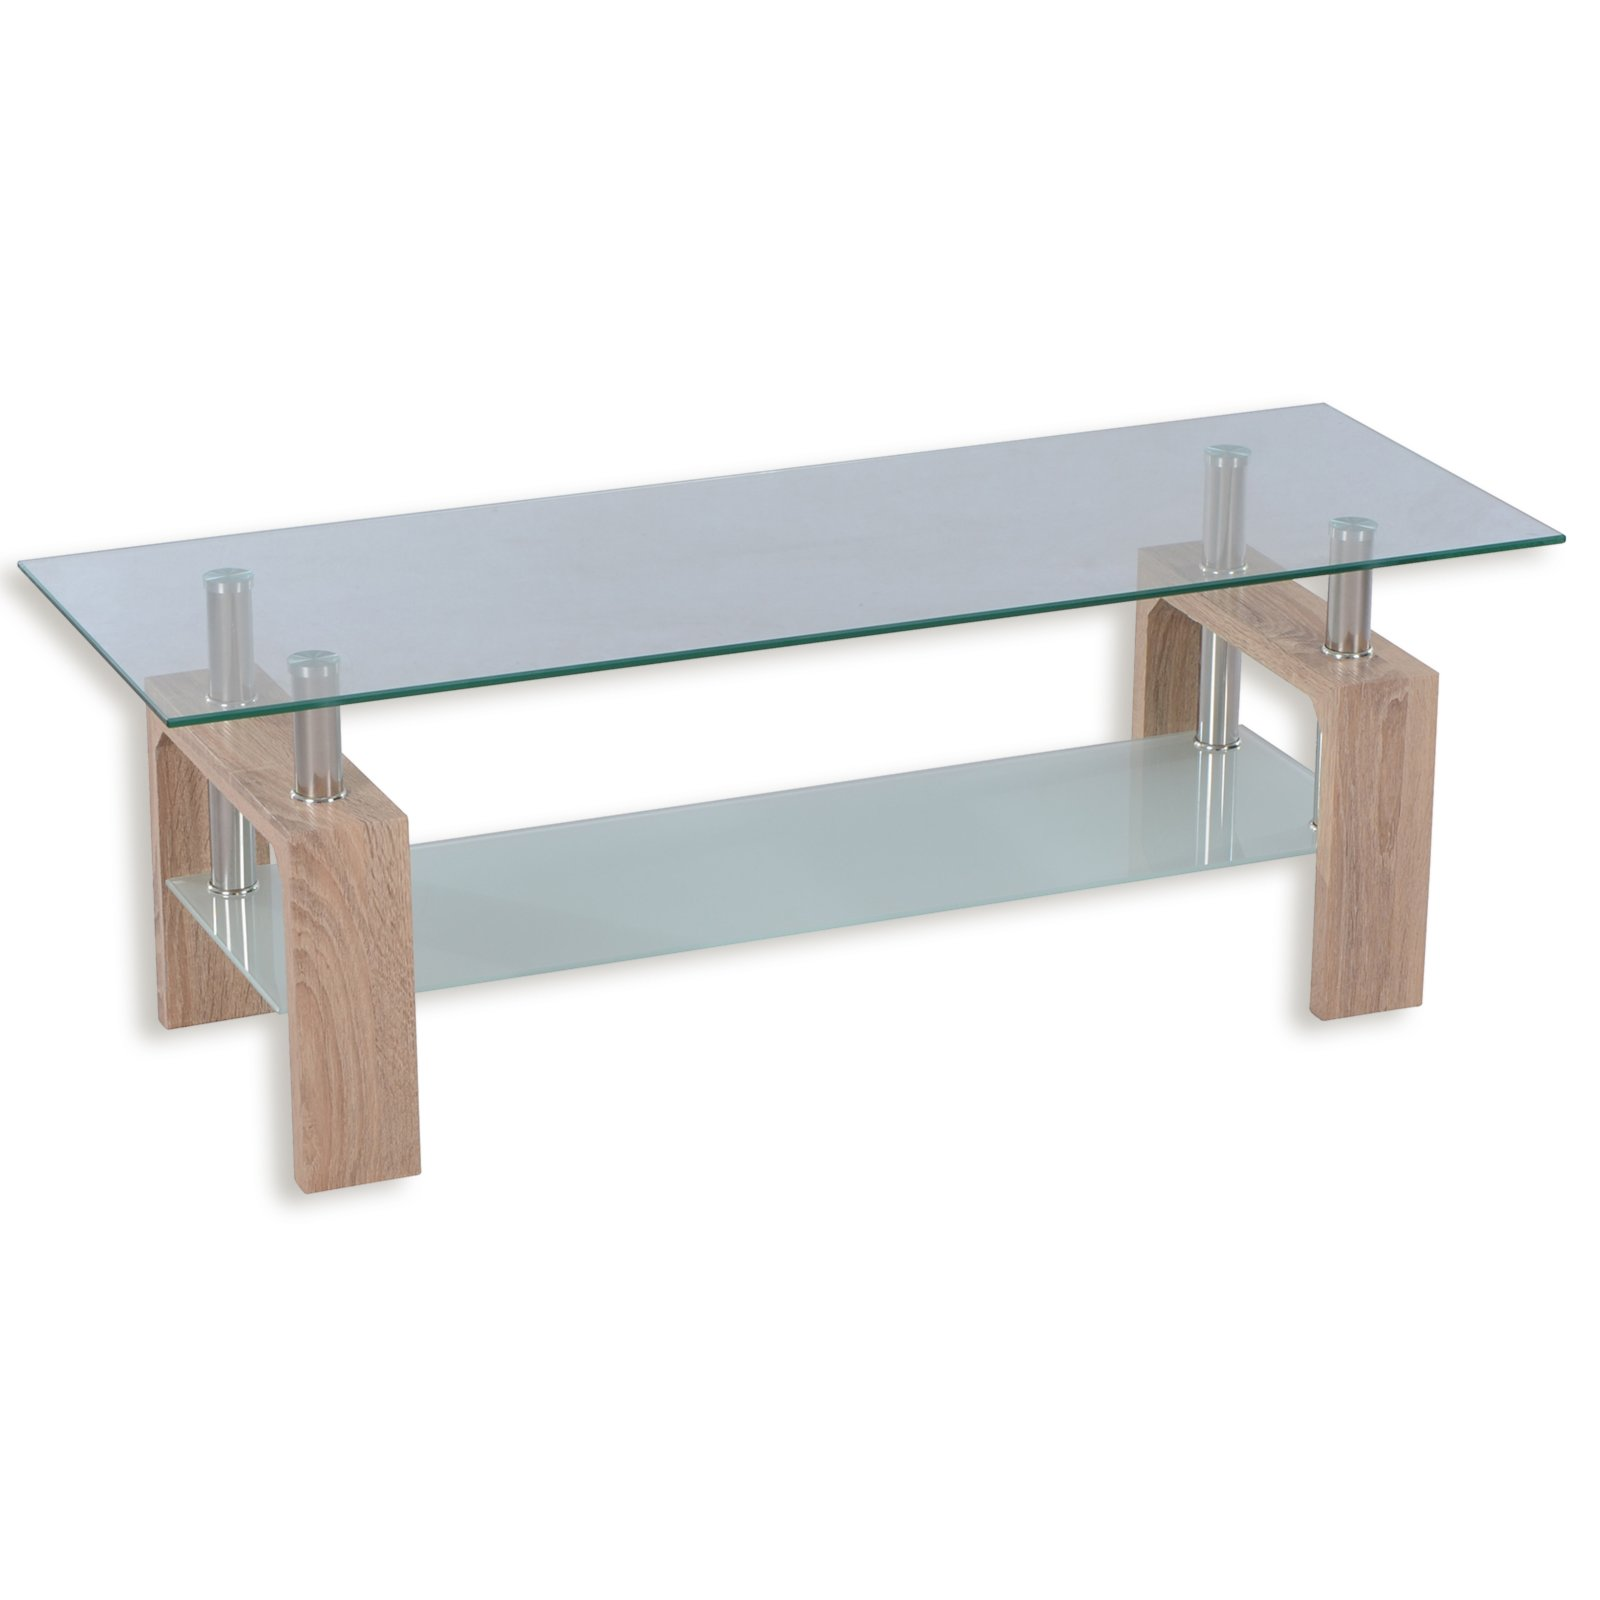 tv lowboard emma sonoma eiche glas 120 cm tv lowboards tv b nke tv hifi m bel. Black Bedroom Furniture Sets. Home Design Ideas